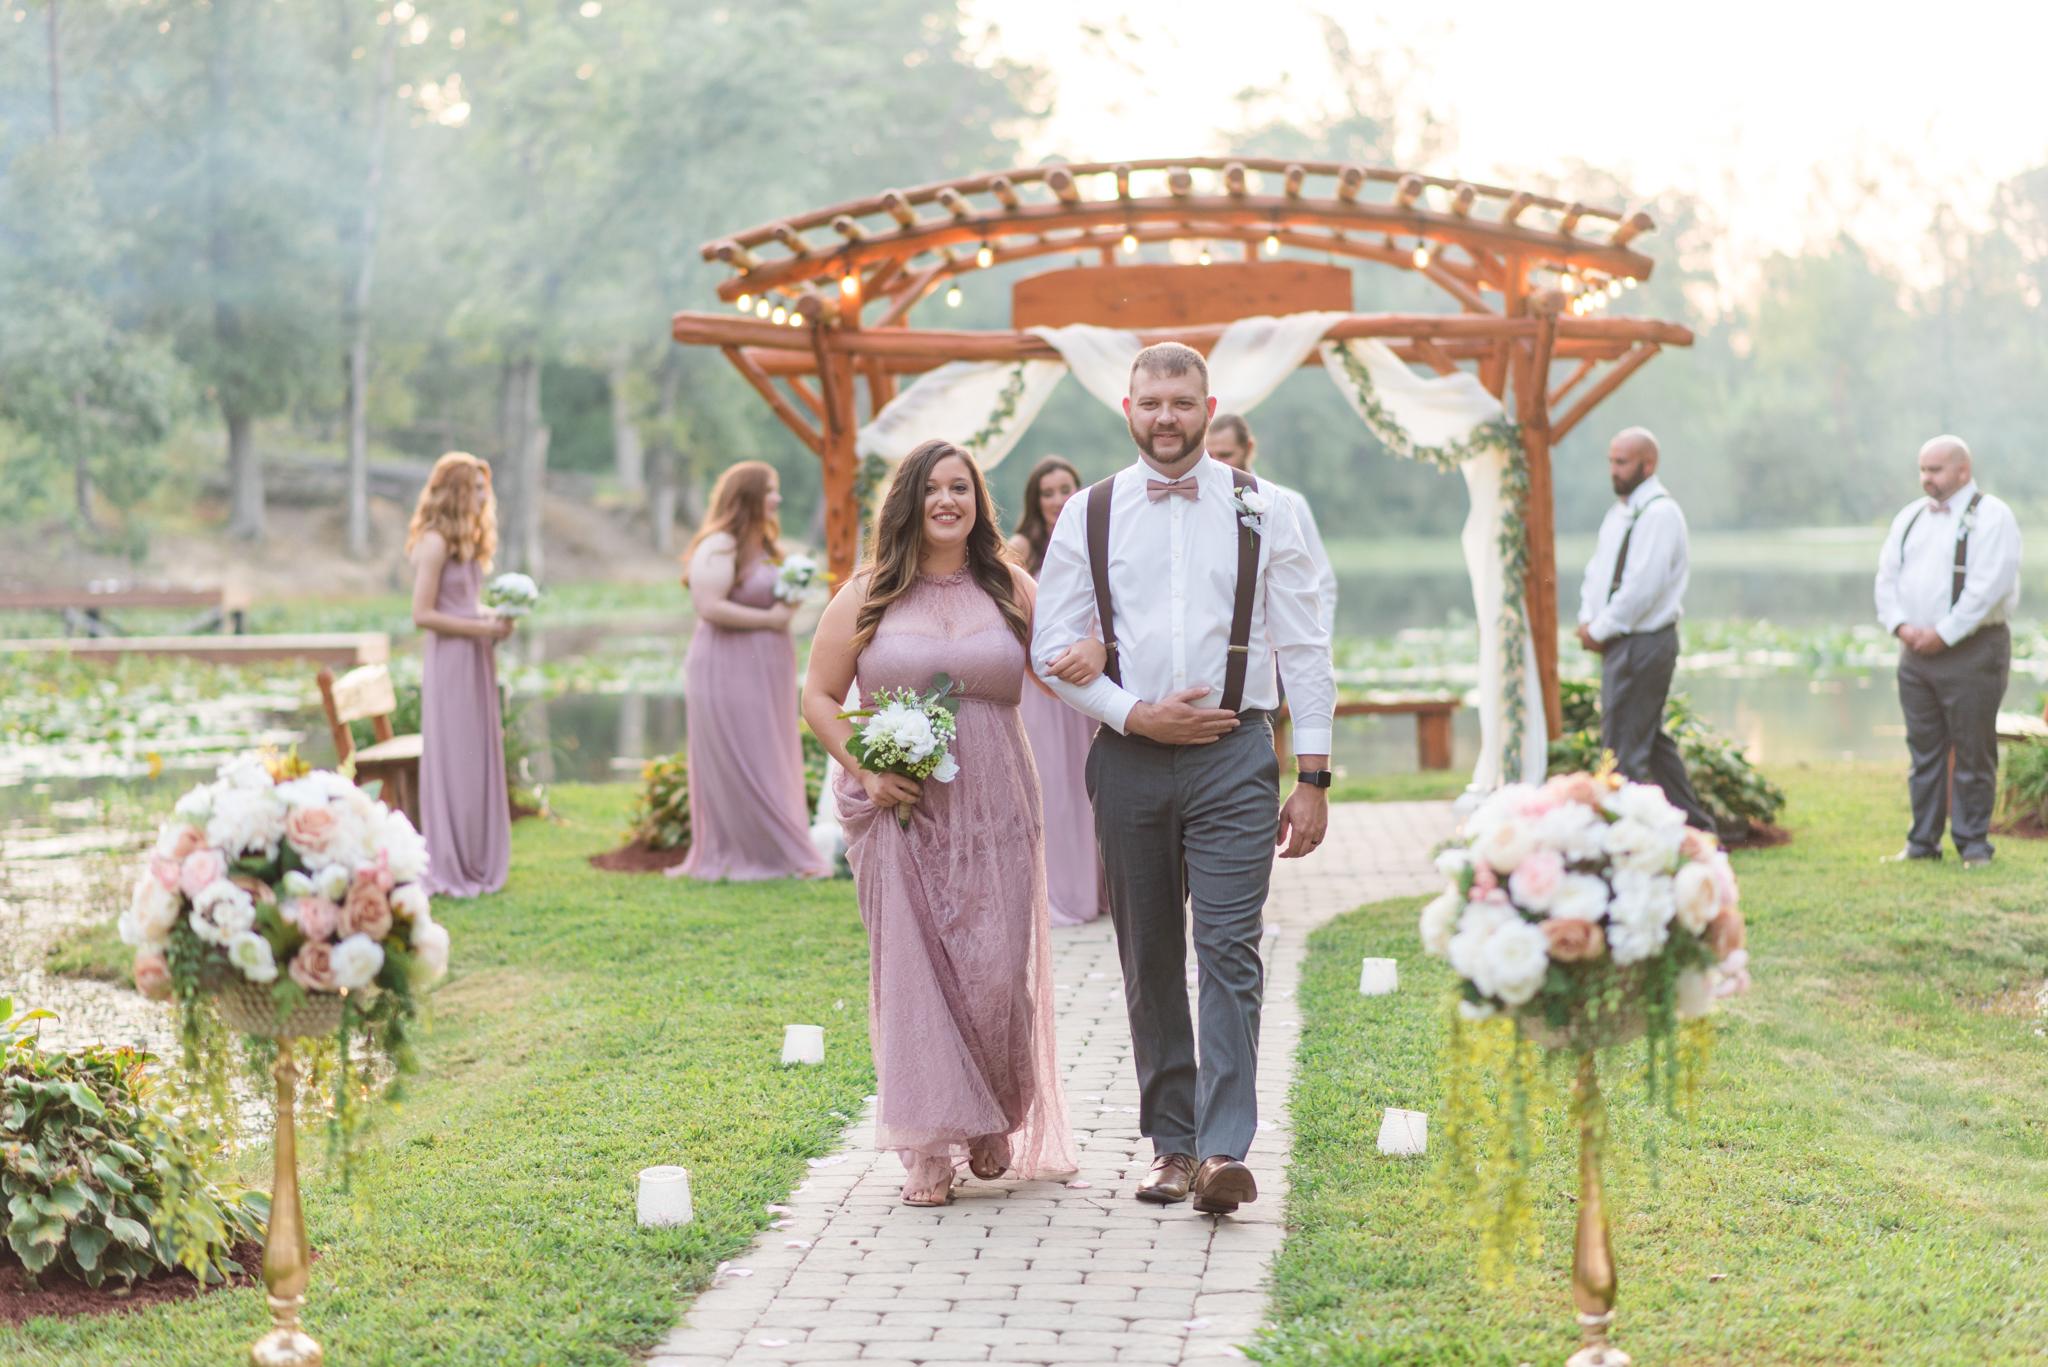 Kentucky wedding, Kentucky bride, Red River Gorge, southern wedding, outdoor wedding, Lexington, Stanton, Callie's Campground